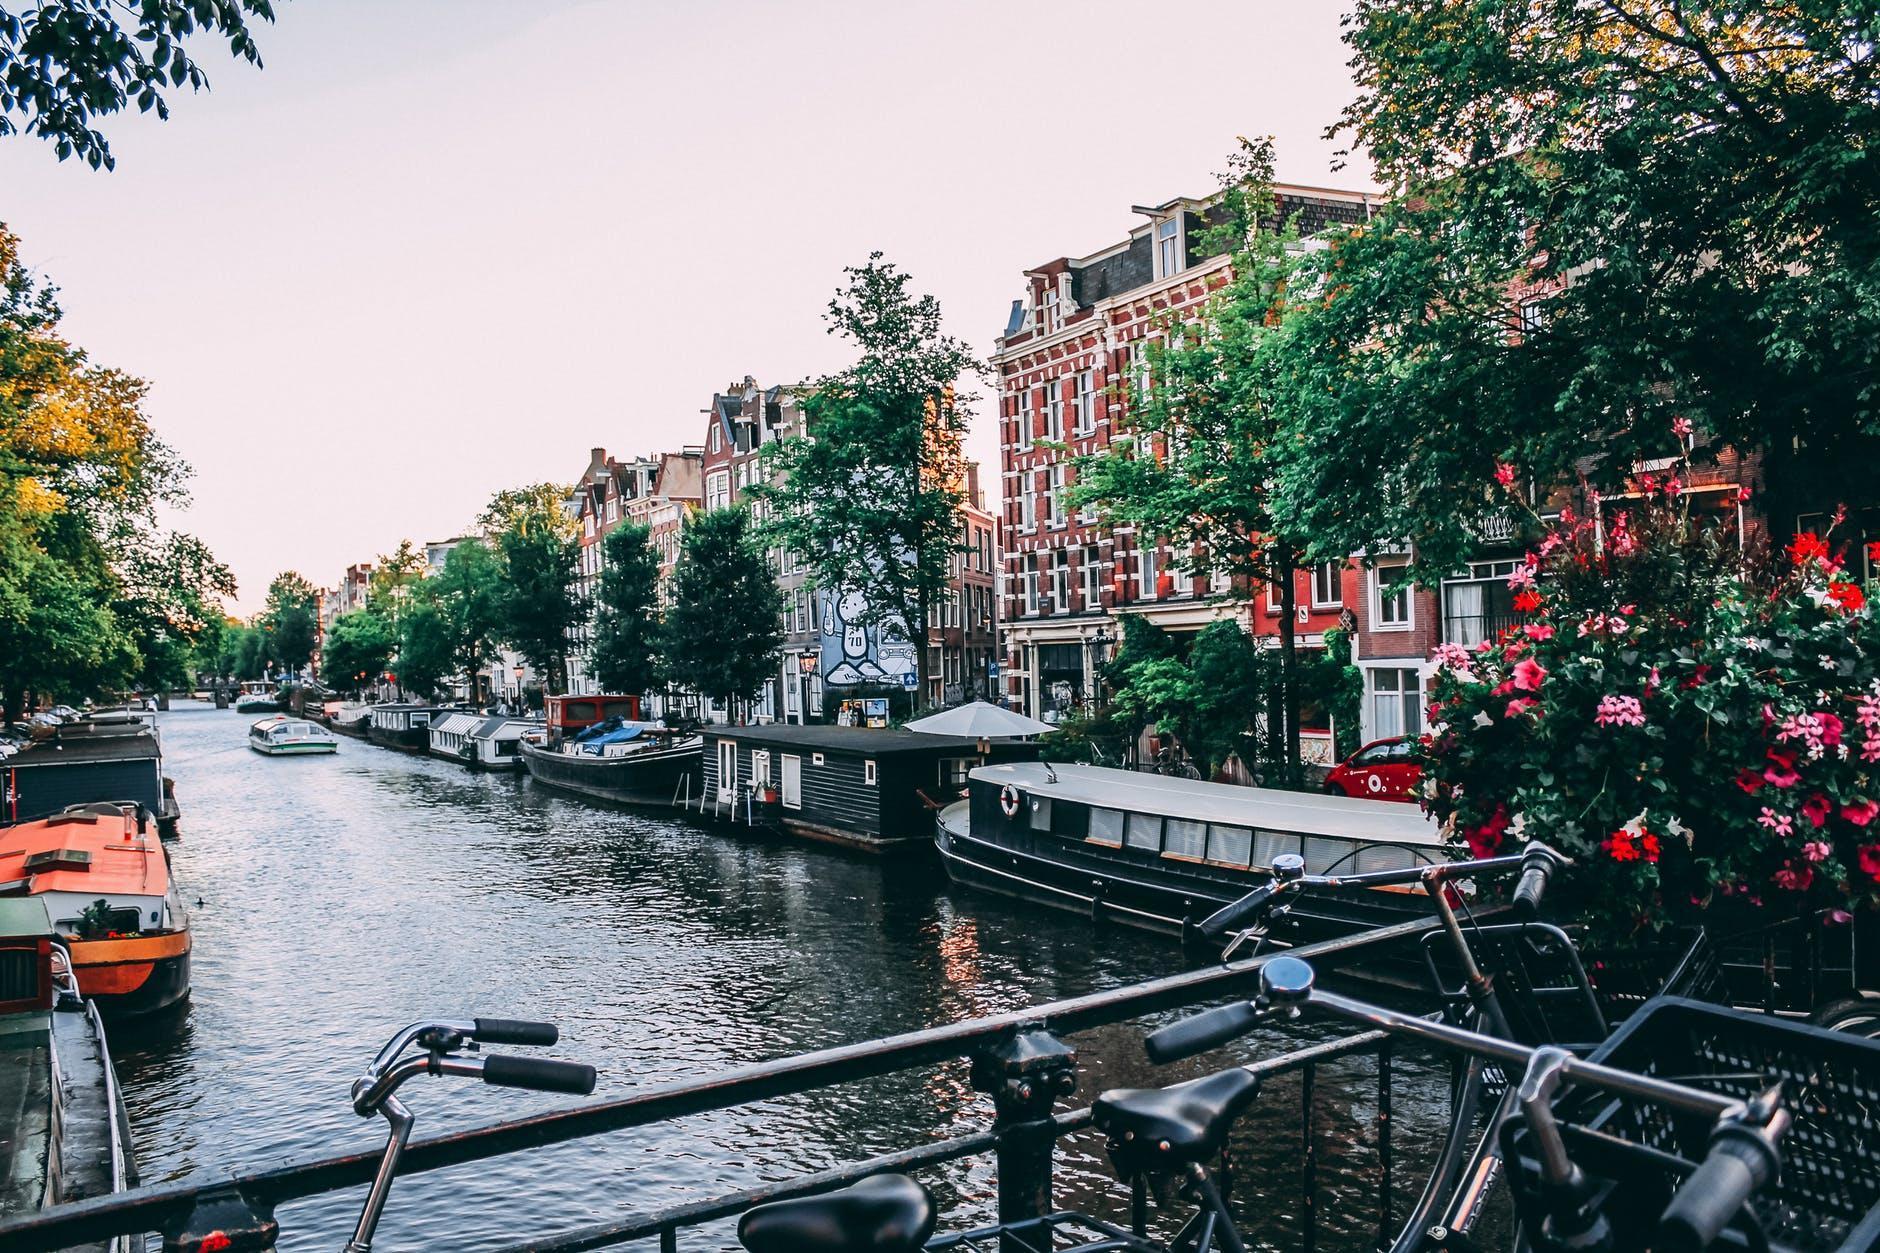 阿姆斯特丹到2025年将清除11,200个停车位